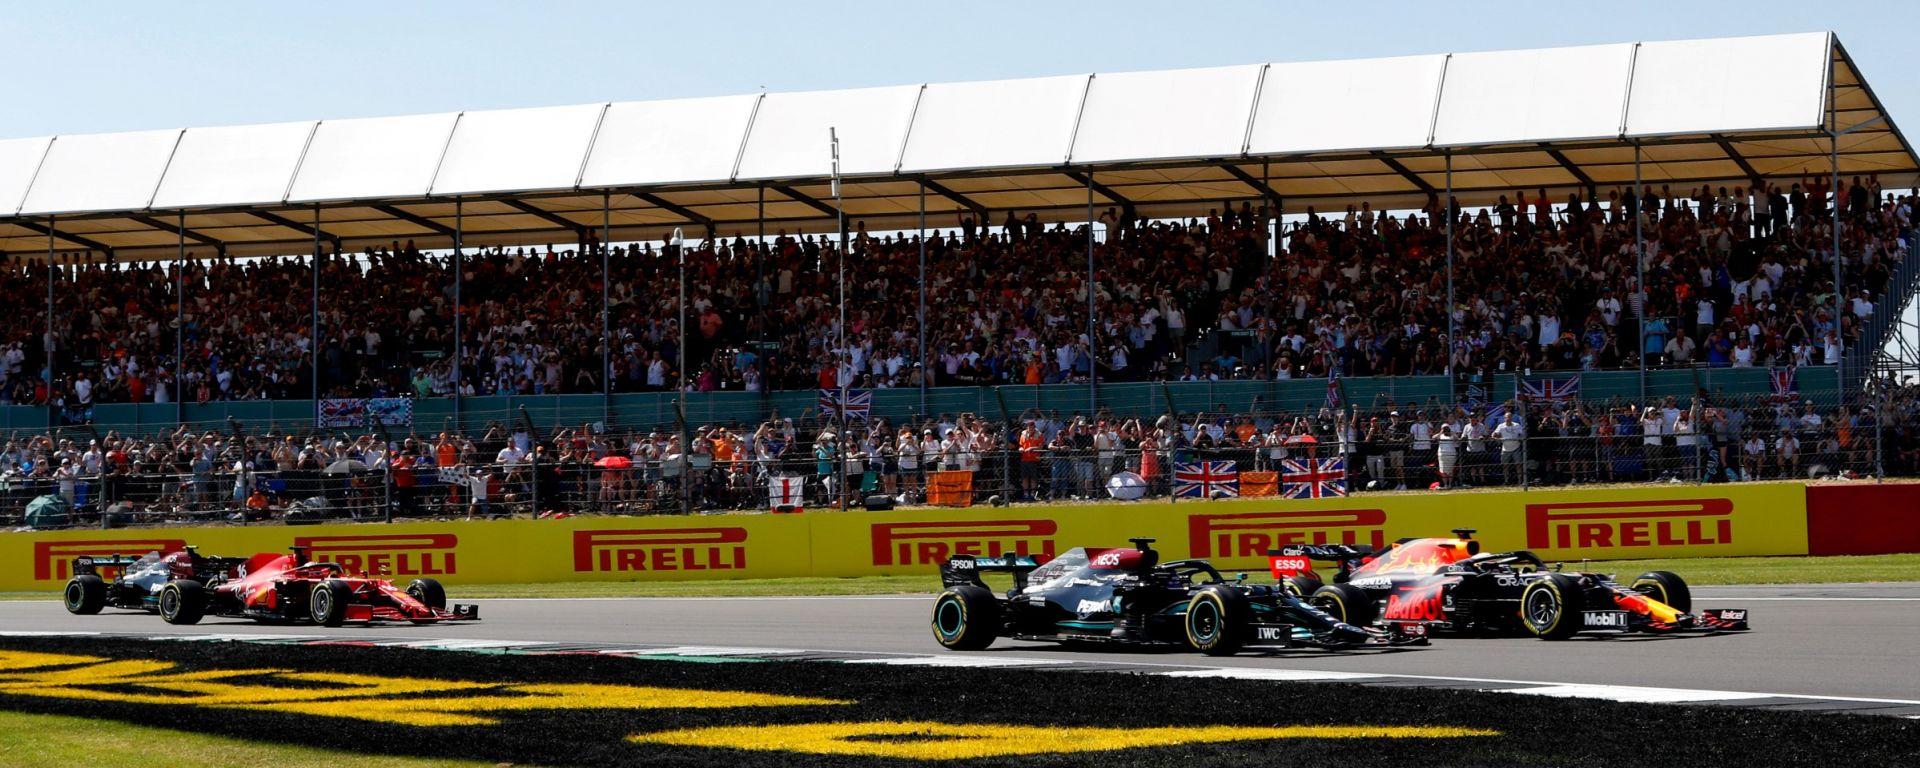 F1, GP Gran Bretagna 2021: le prime fasi di gara